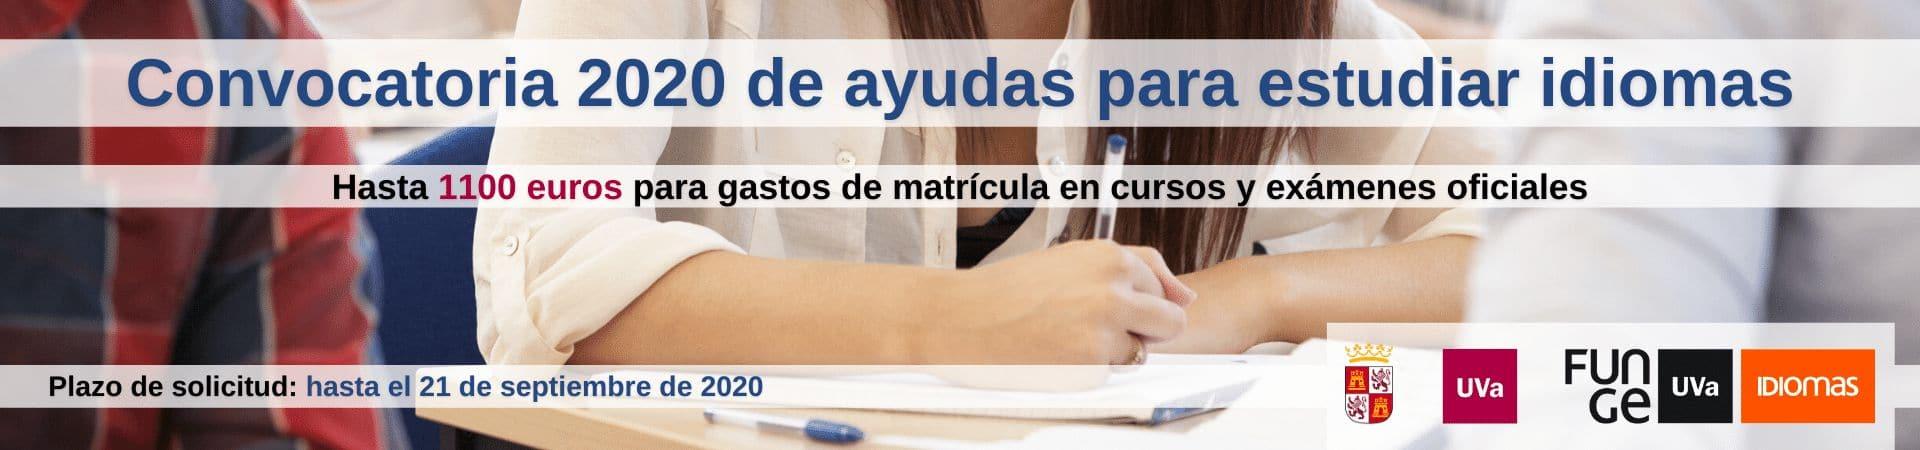 Banner ayudas idiomas Junta 2020 - instagram